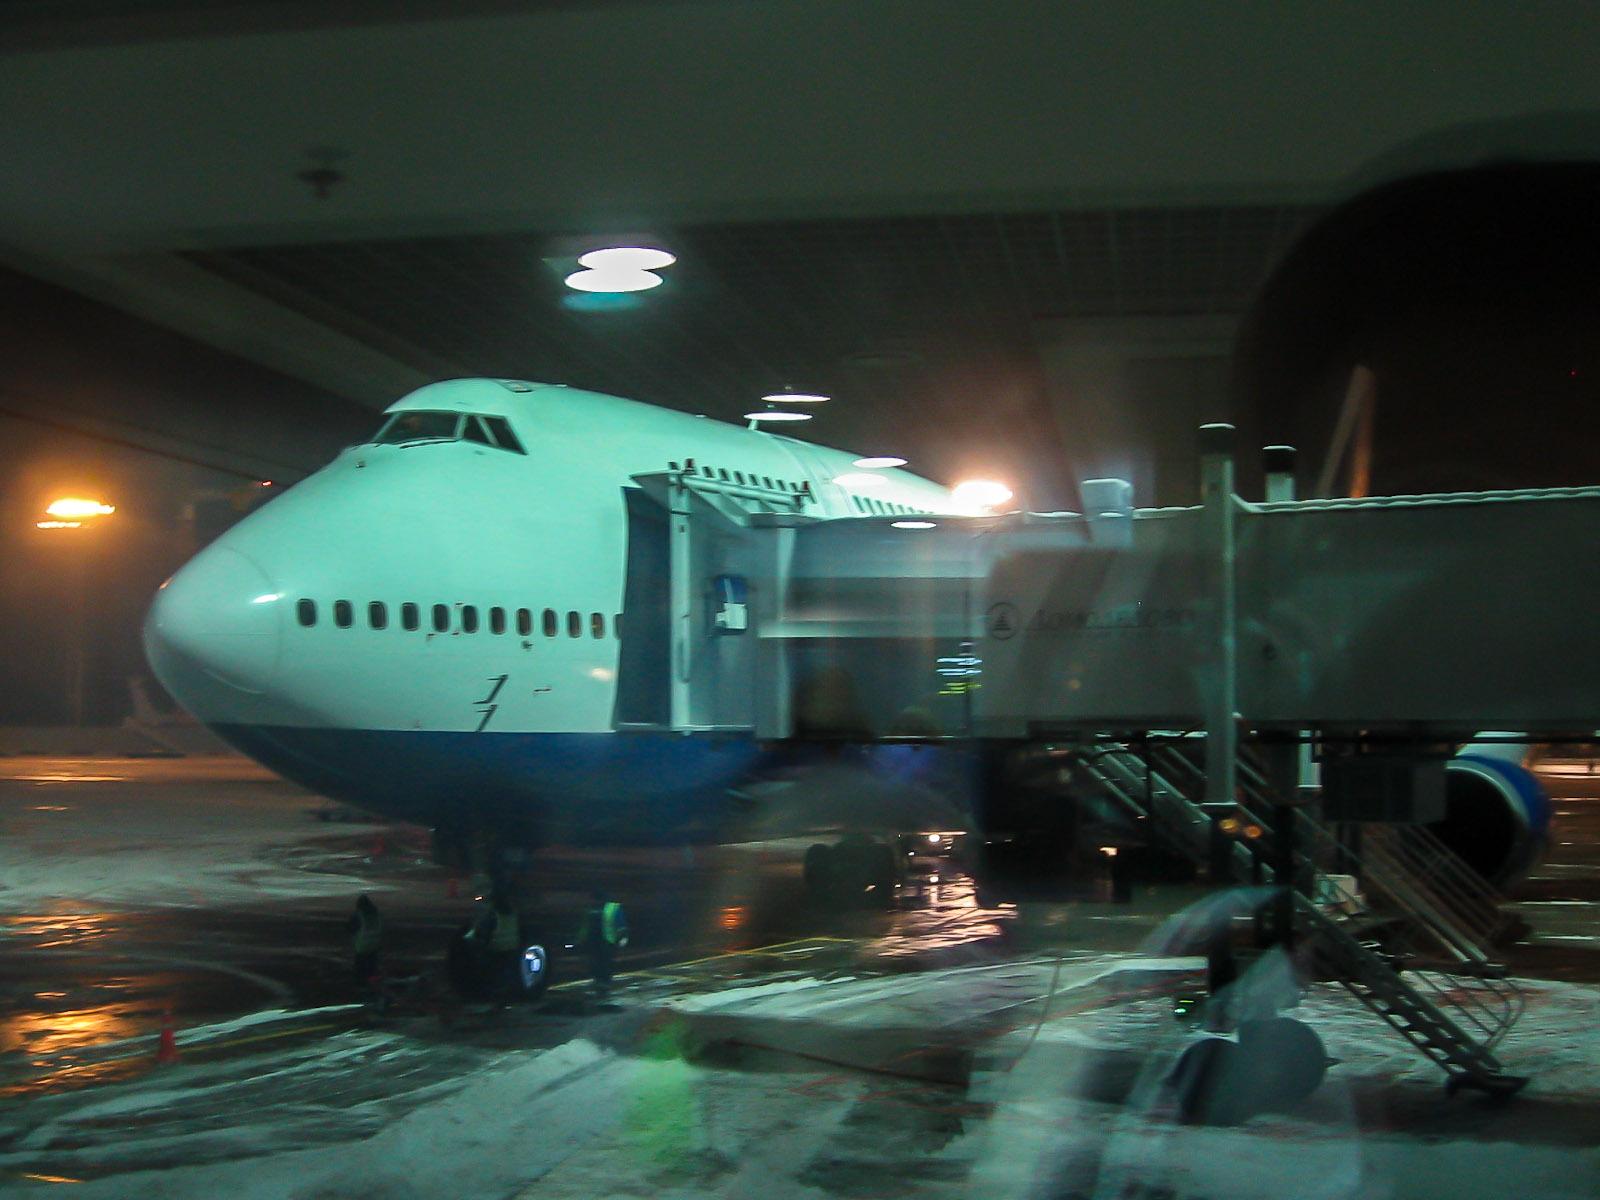 Рейс Трансаэро Пхукет-Москва прибыл в аэропорт Домодедово